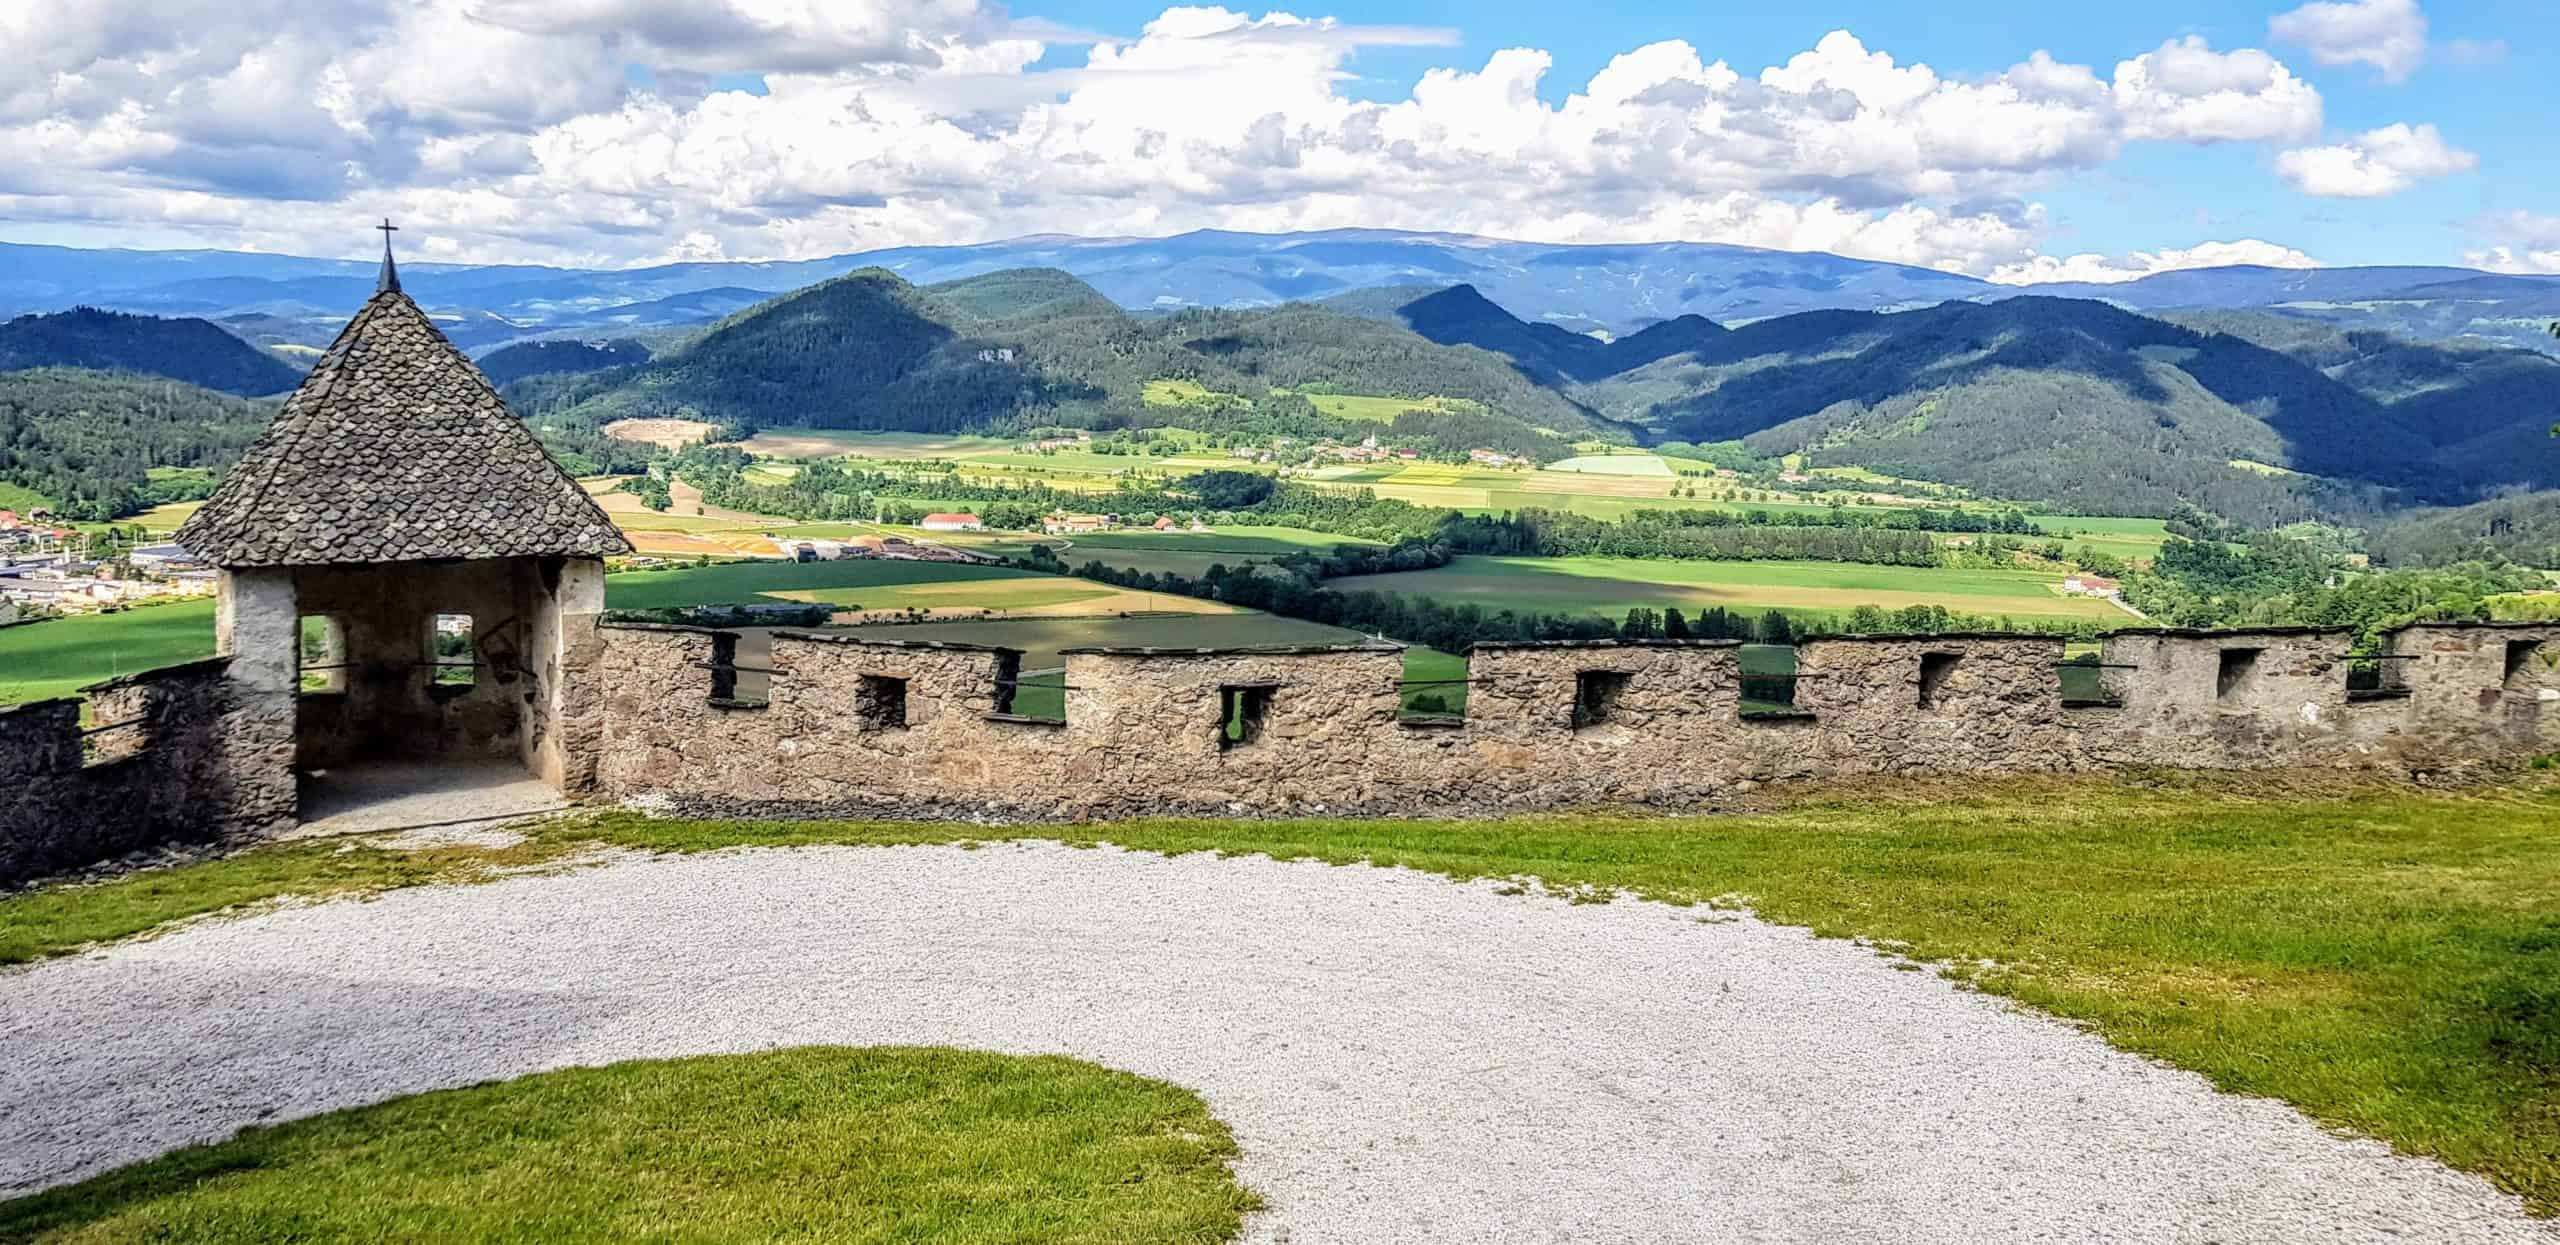 Landschaft Kärnten nach Brückentor auf der Burg Hochosterwitz mit Burgmauer